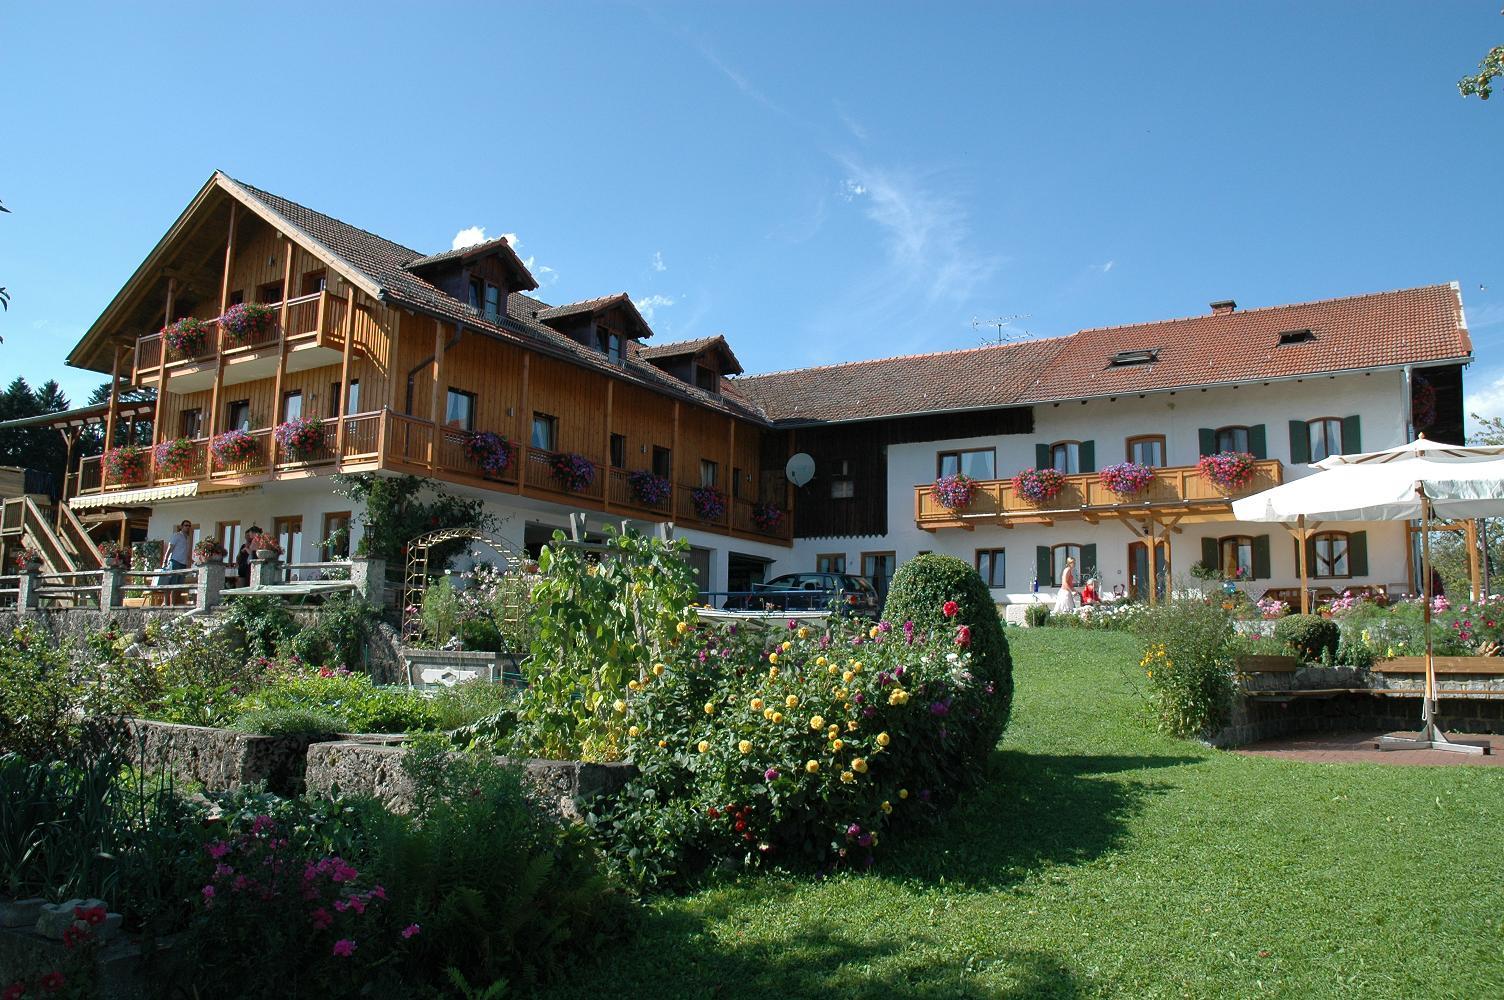 Unser Hof befindete sich in Alleinlage, umgeben von Wiesen und Wälder mit herrlichem Alpenpanorama.